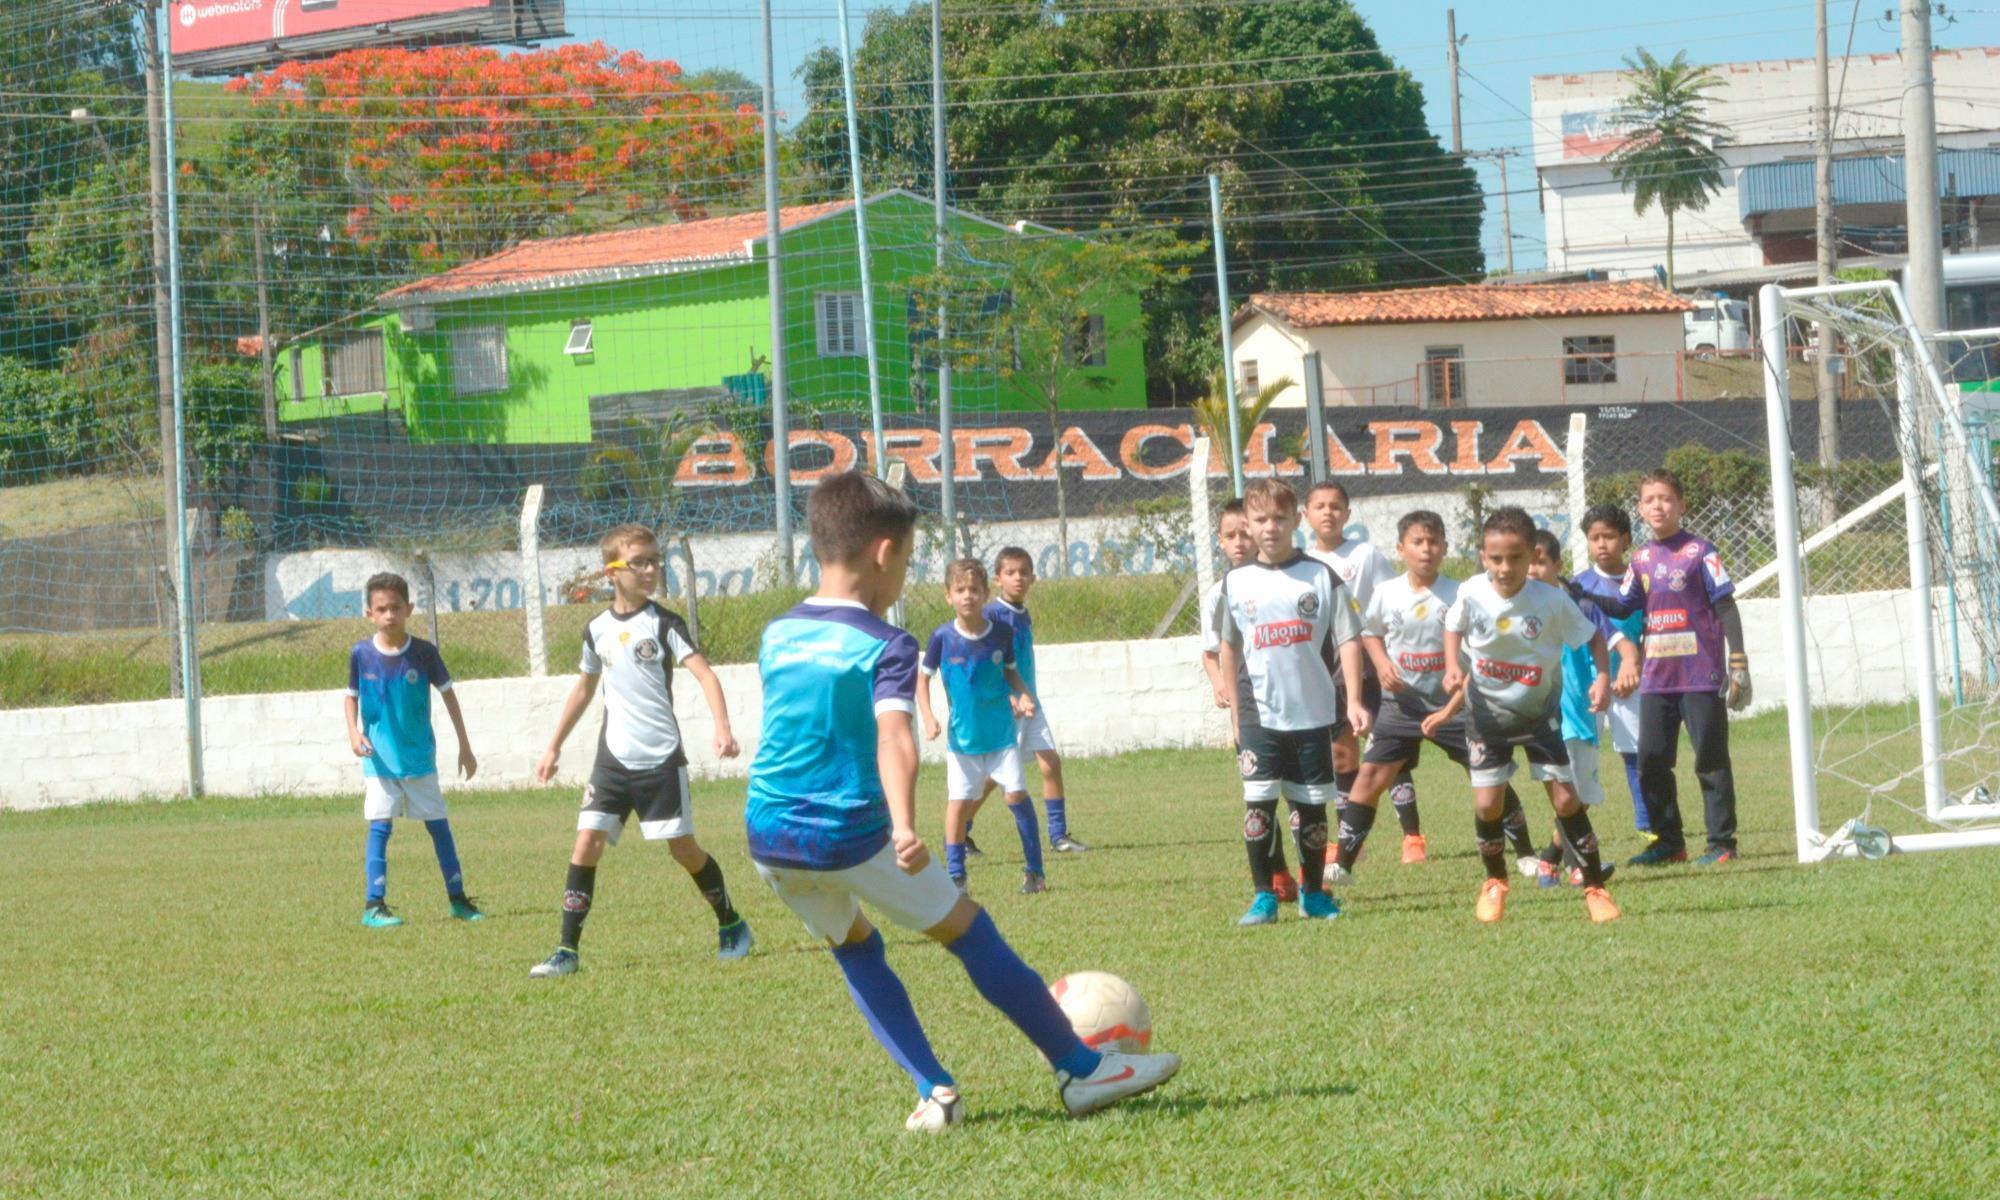 São Bento, Corinthians, SMetal, Futebol, Escolinha, Sorocaba , Foguinho/ImprensaSMetal